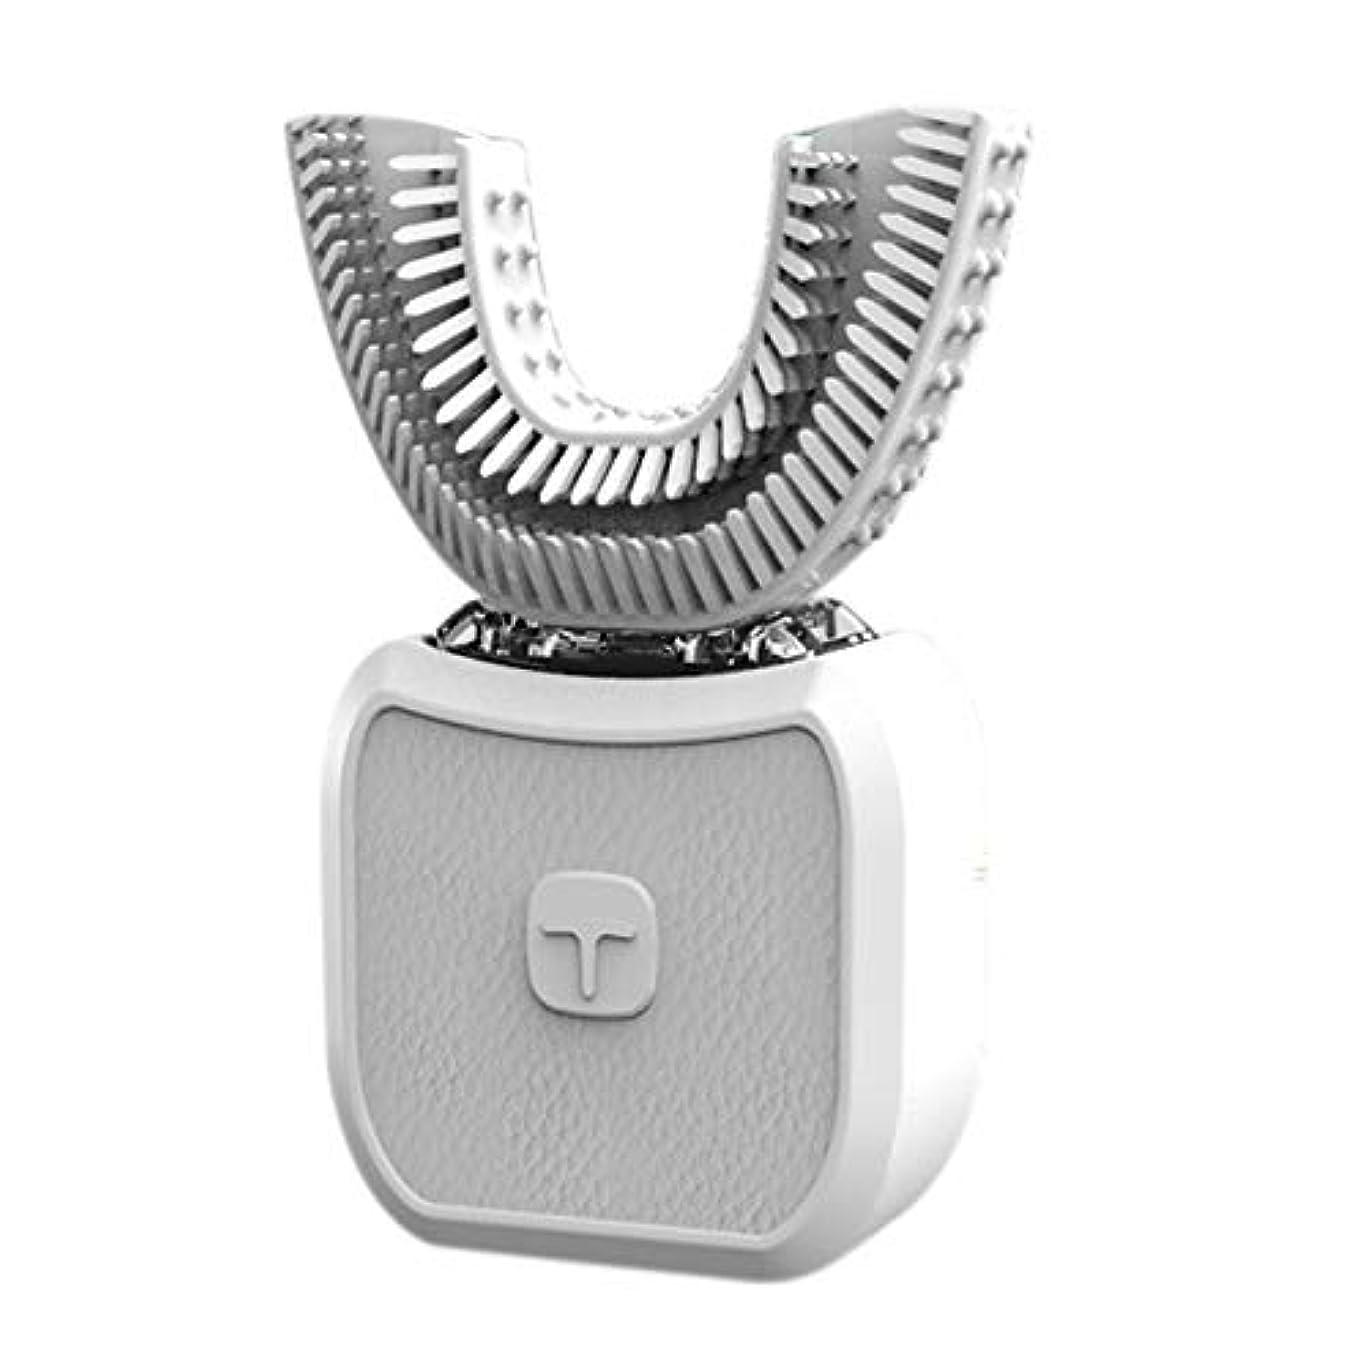 トラフィックさせる罹患率フルオートマチック可変周波数電動歯ブラシ、自動360度U字型電動歯ブラシ、ワイヤレス充電IPX7防水自動歯ブラシ(大人用),White